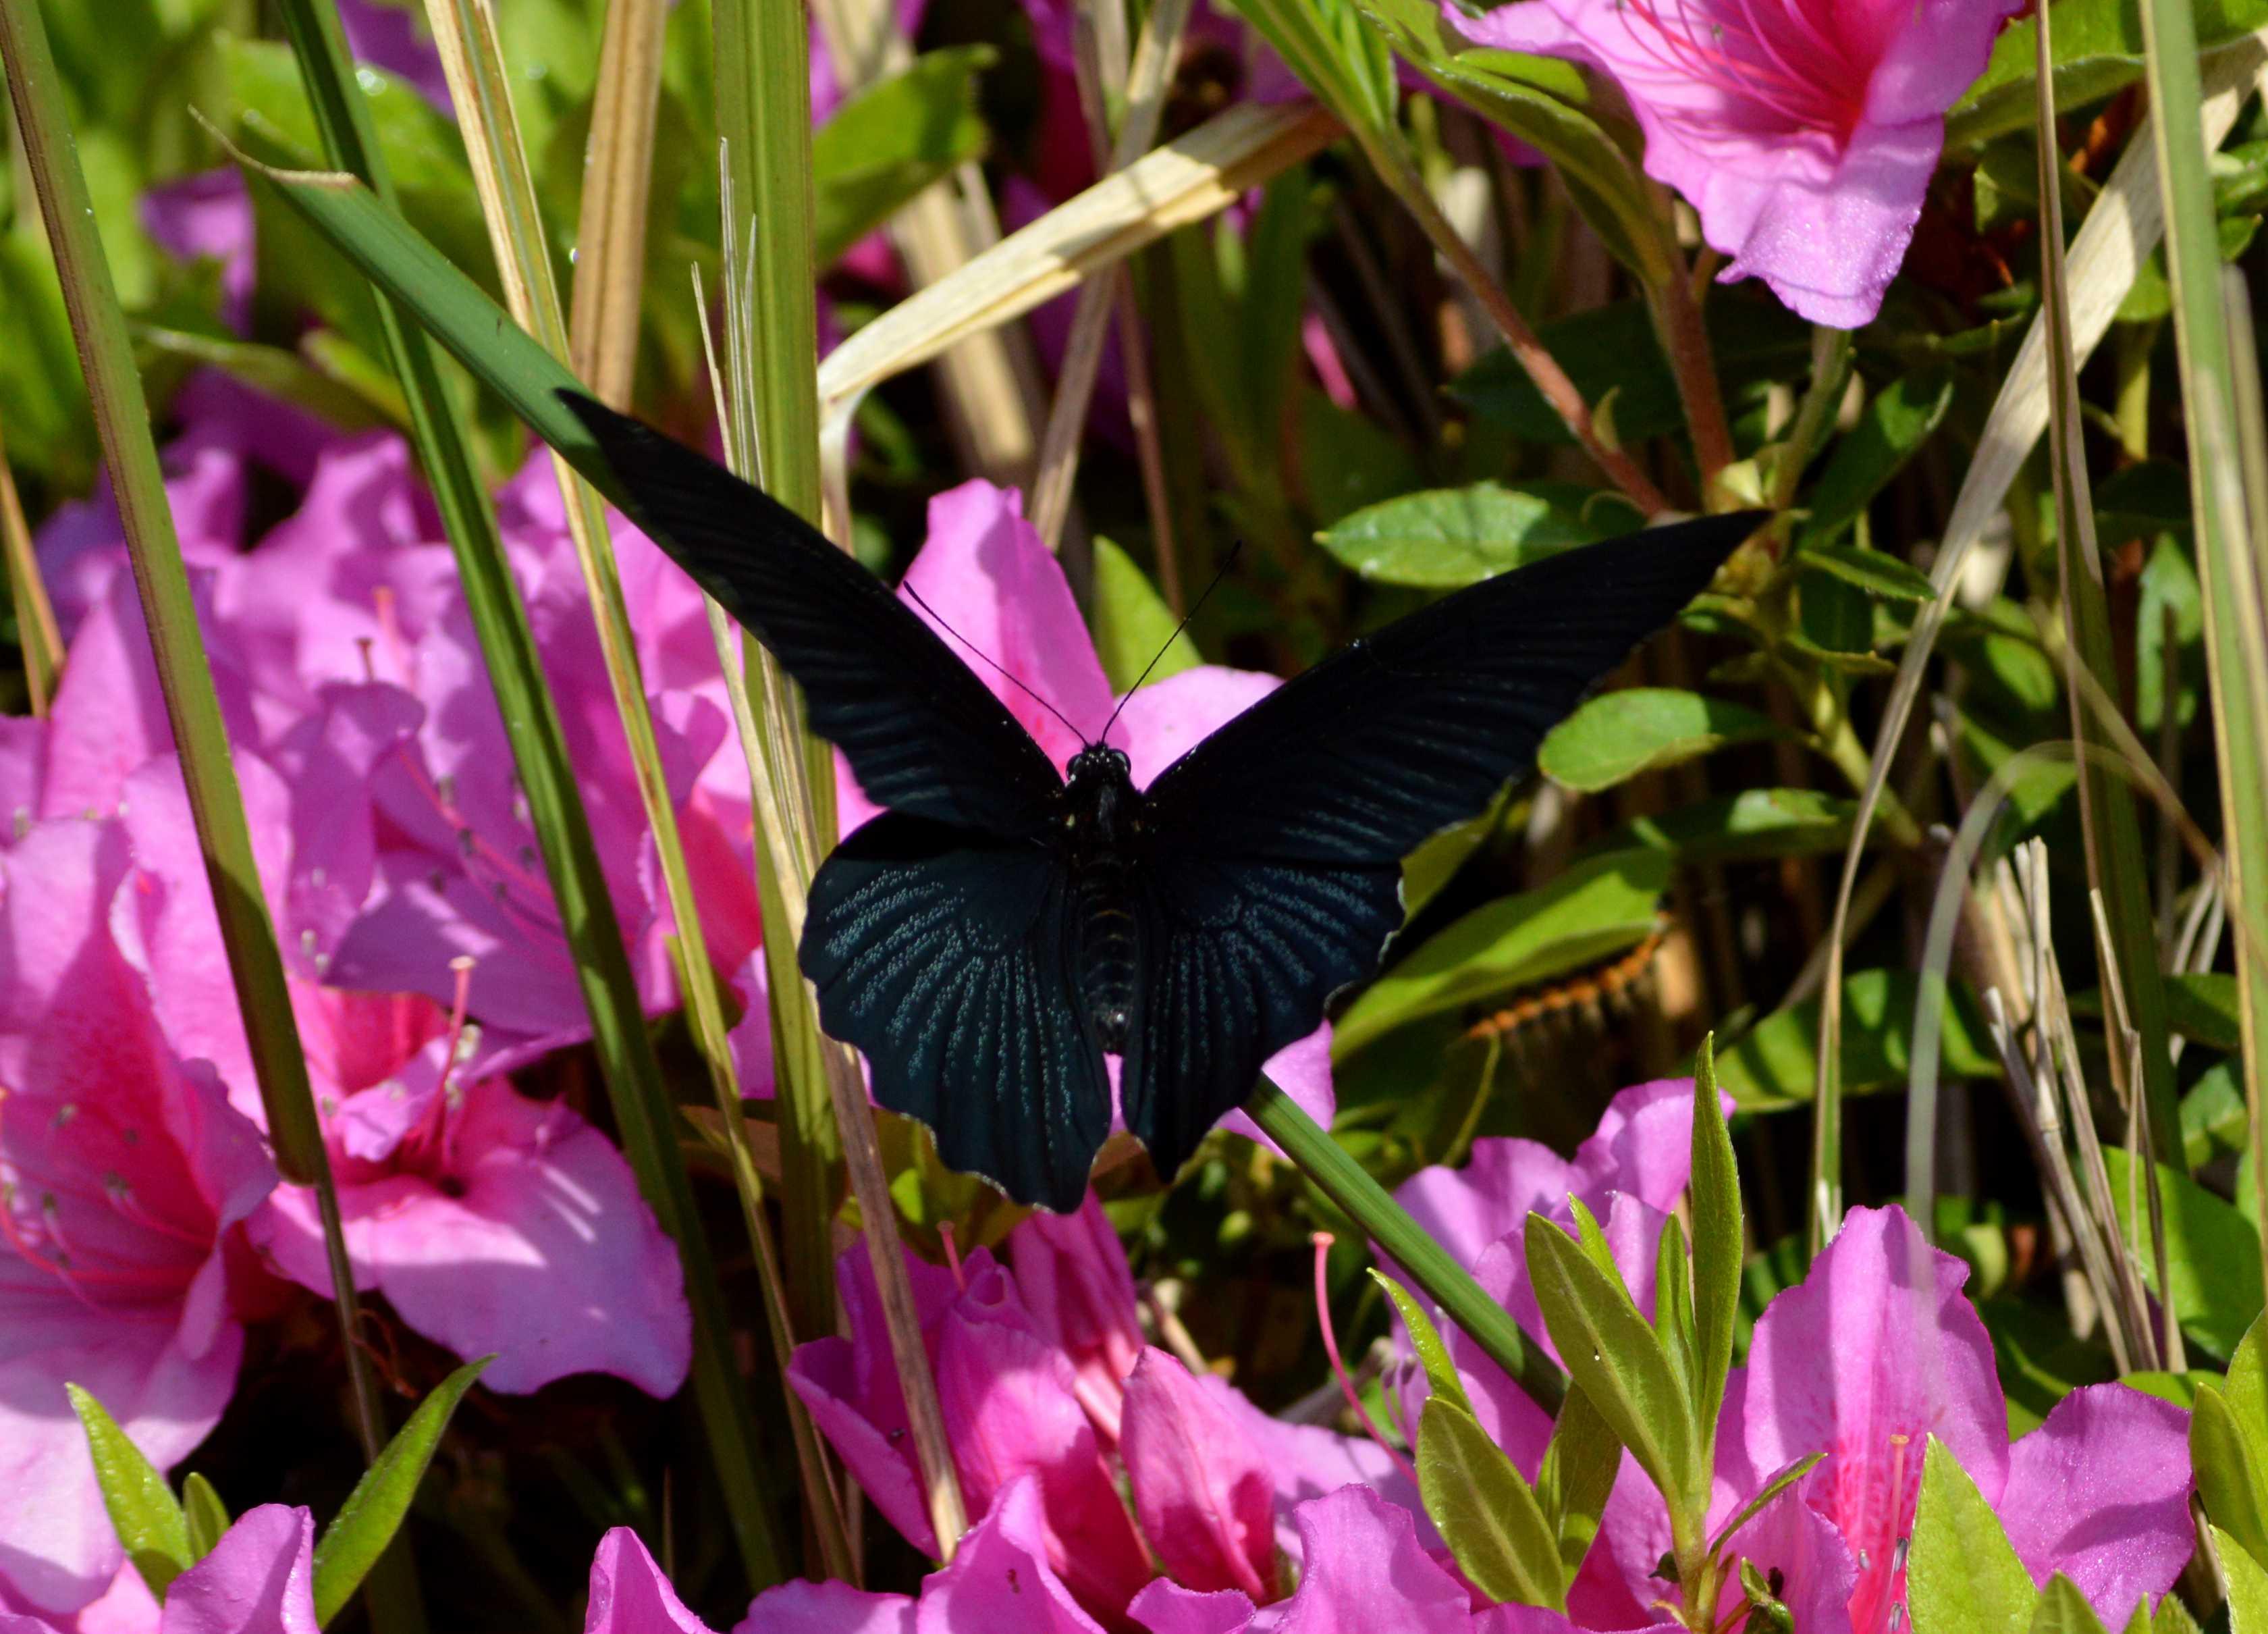 ナガサキアゲハ 5月2日ツツジの咲く公園にて_d0254540_3501145.jpg